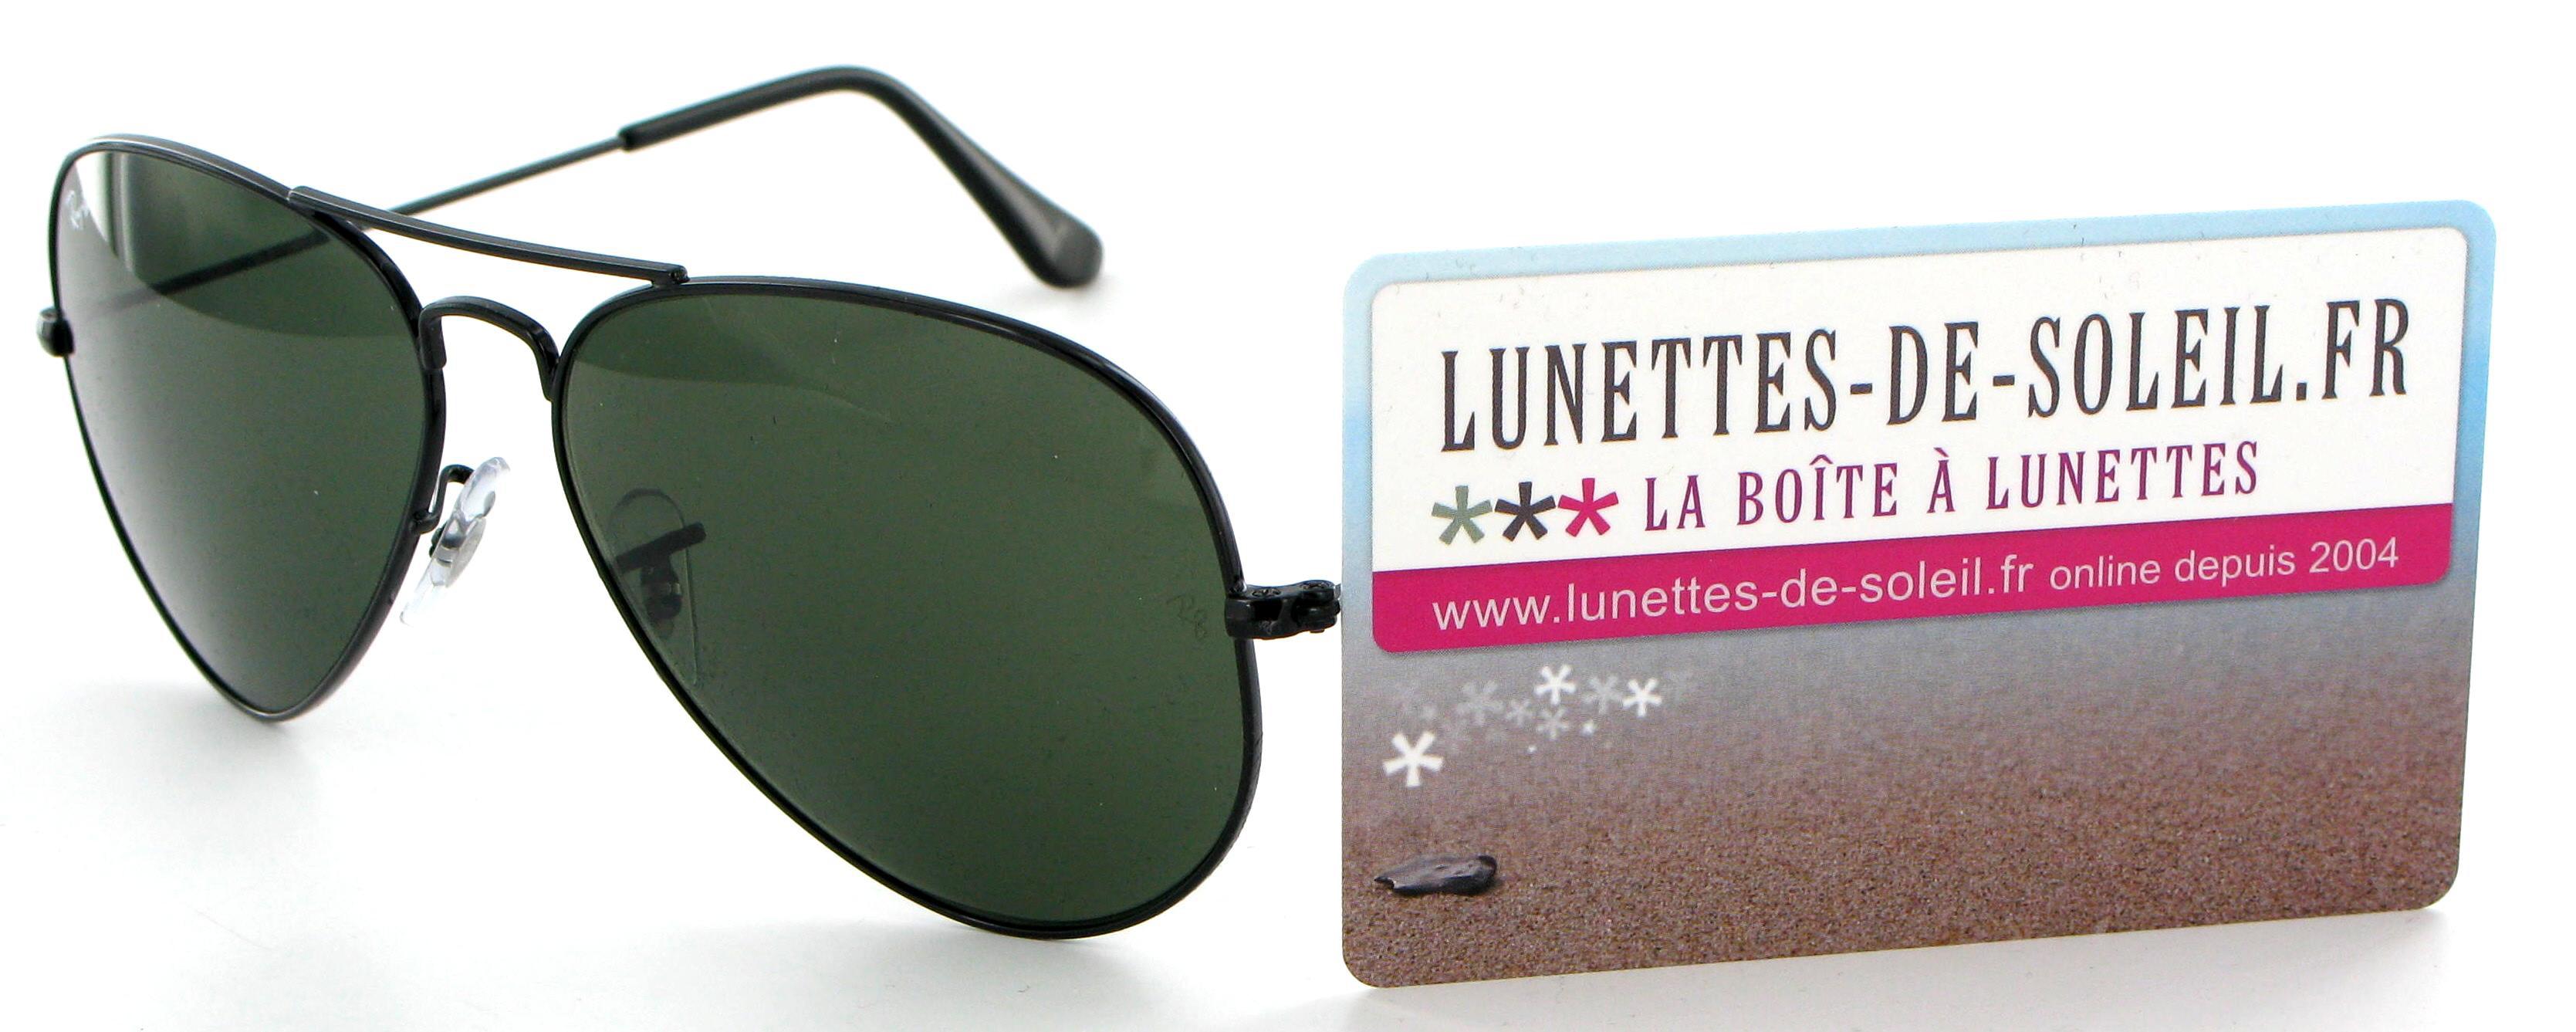 Blog.lunettes-de-soleil.fr - le blog de la boite a lunettes e4a2d60fa158